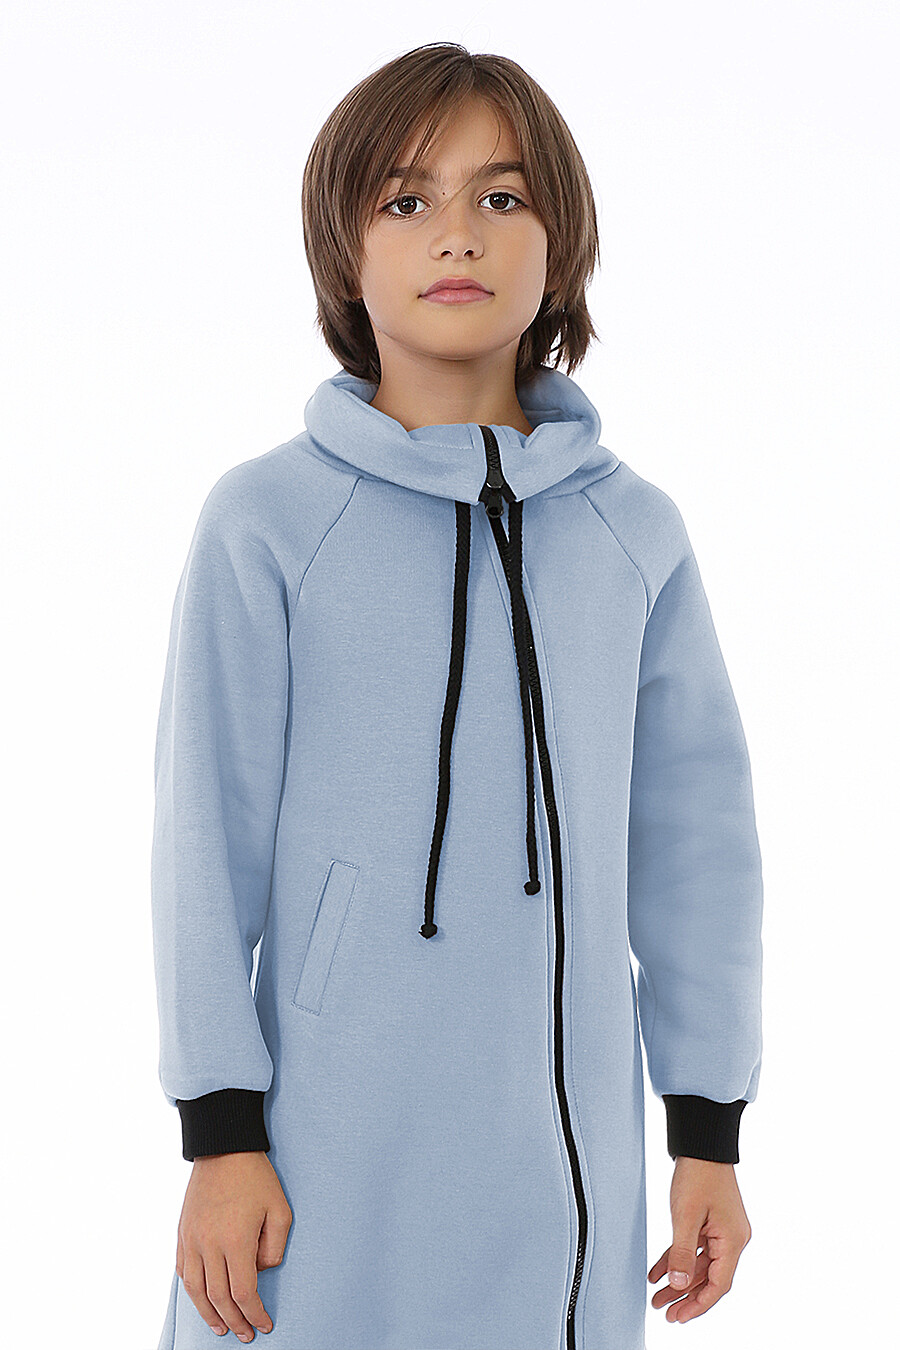 Комбинезон для мальчиков EZANNA 700767 купить оптом от производителя. Совместная покупка детской одежды в OptMoyo